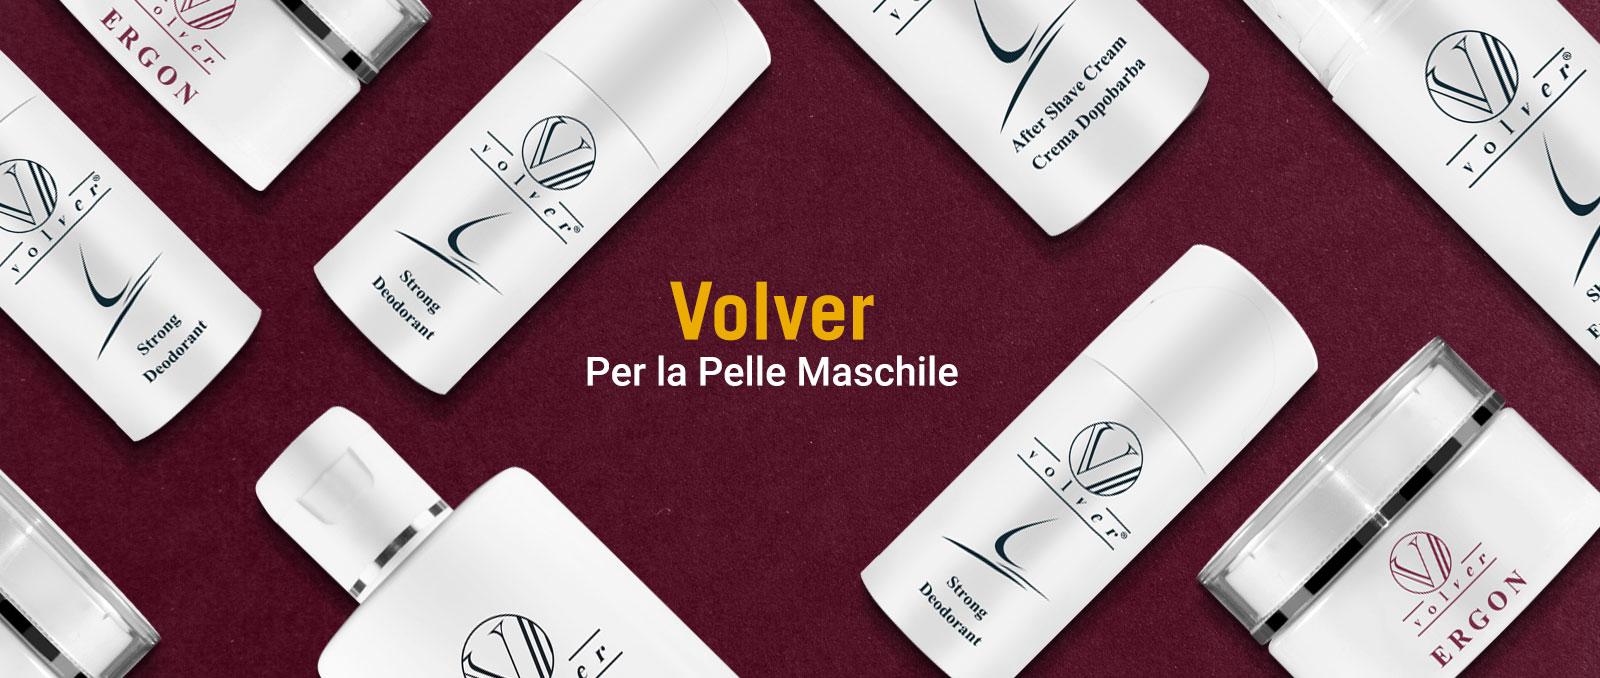 Linea Volver Sice Eubiotica per la pelle maschile